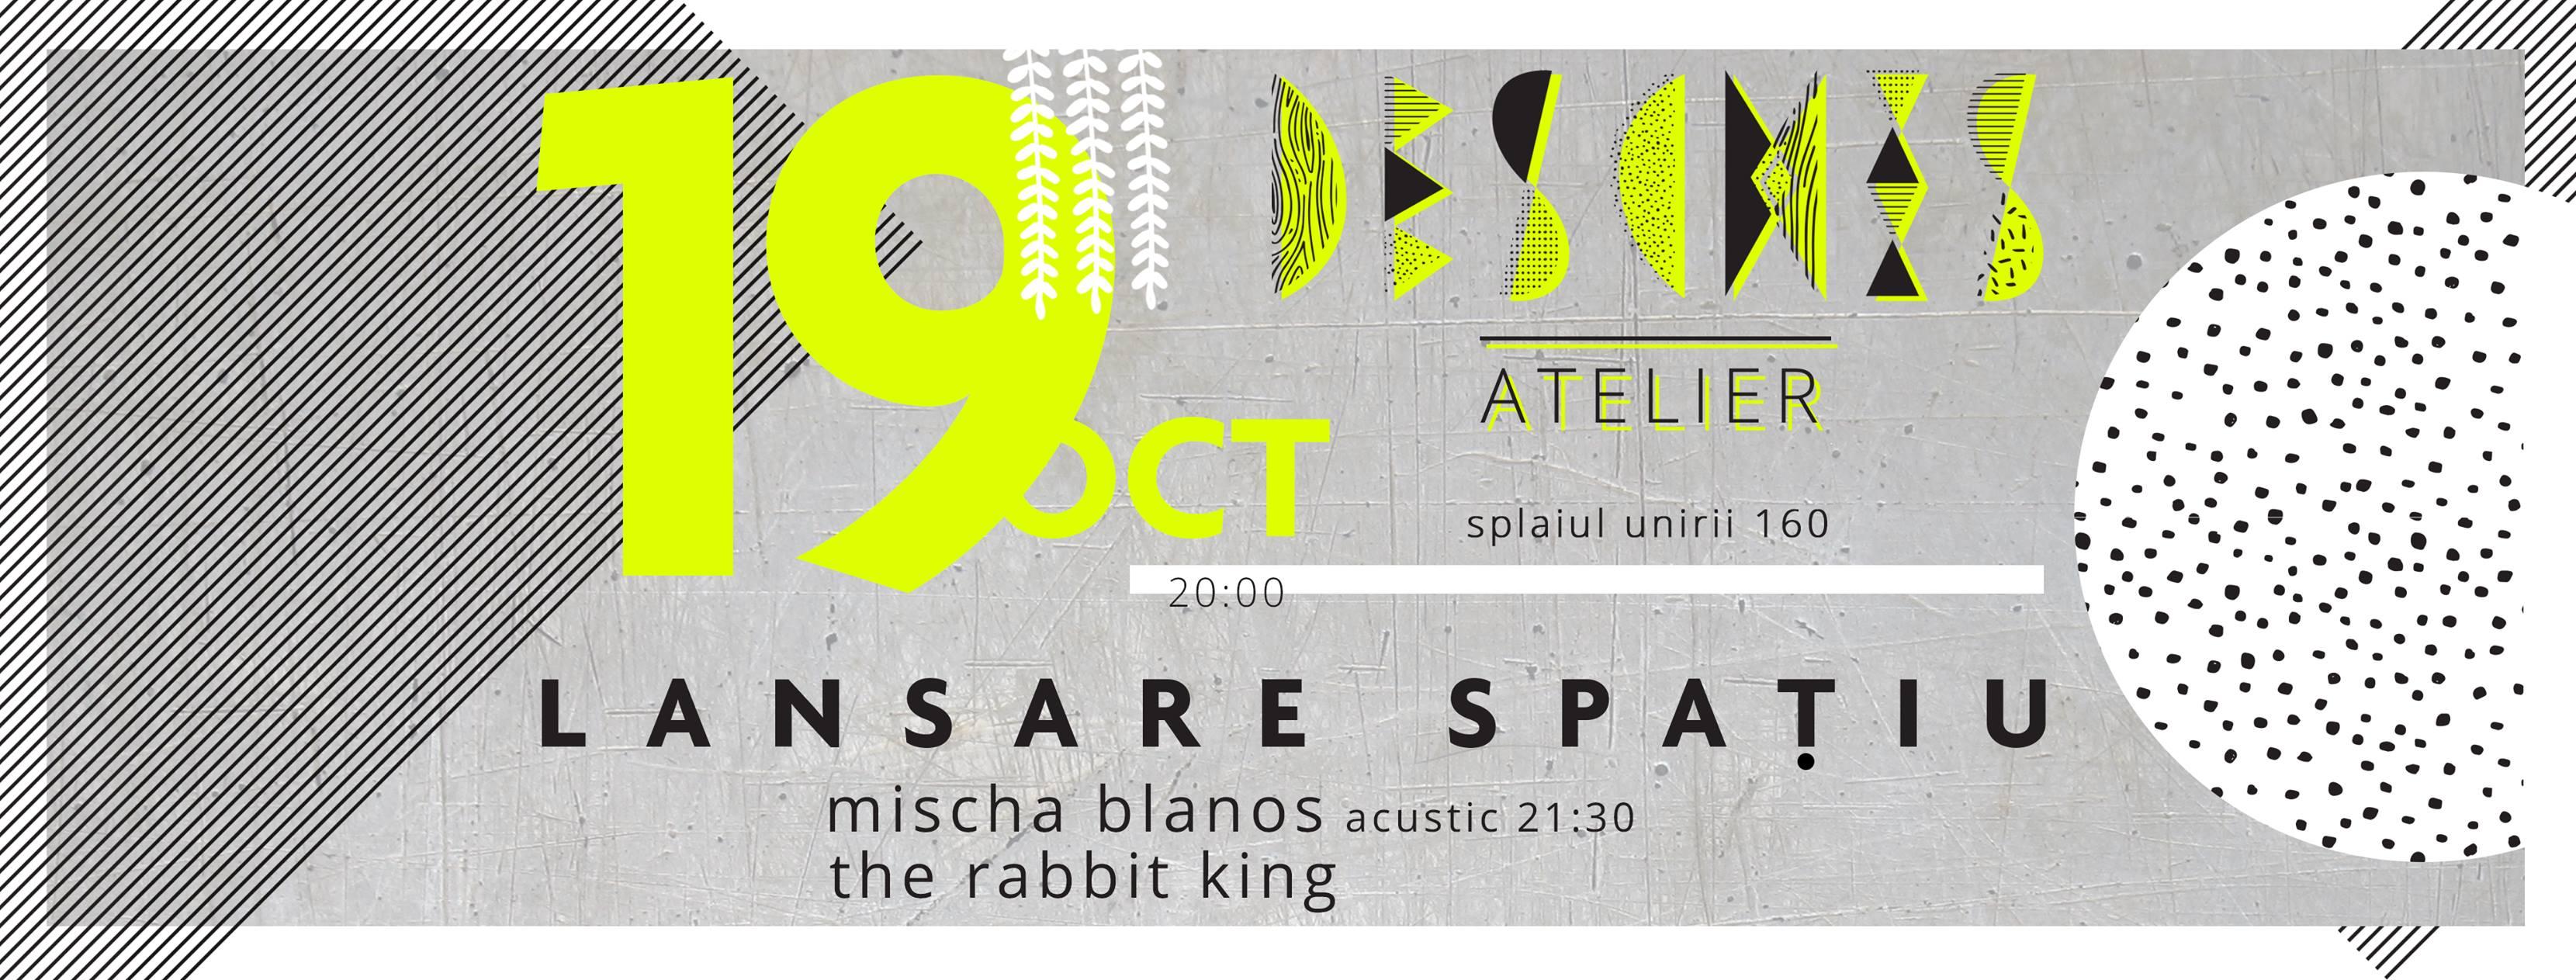 Deschis - Atelier- un nou loc pentru evenimentele din București//soft opening